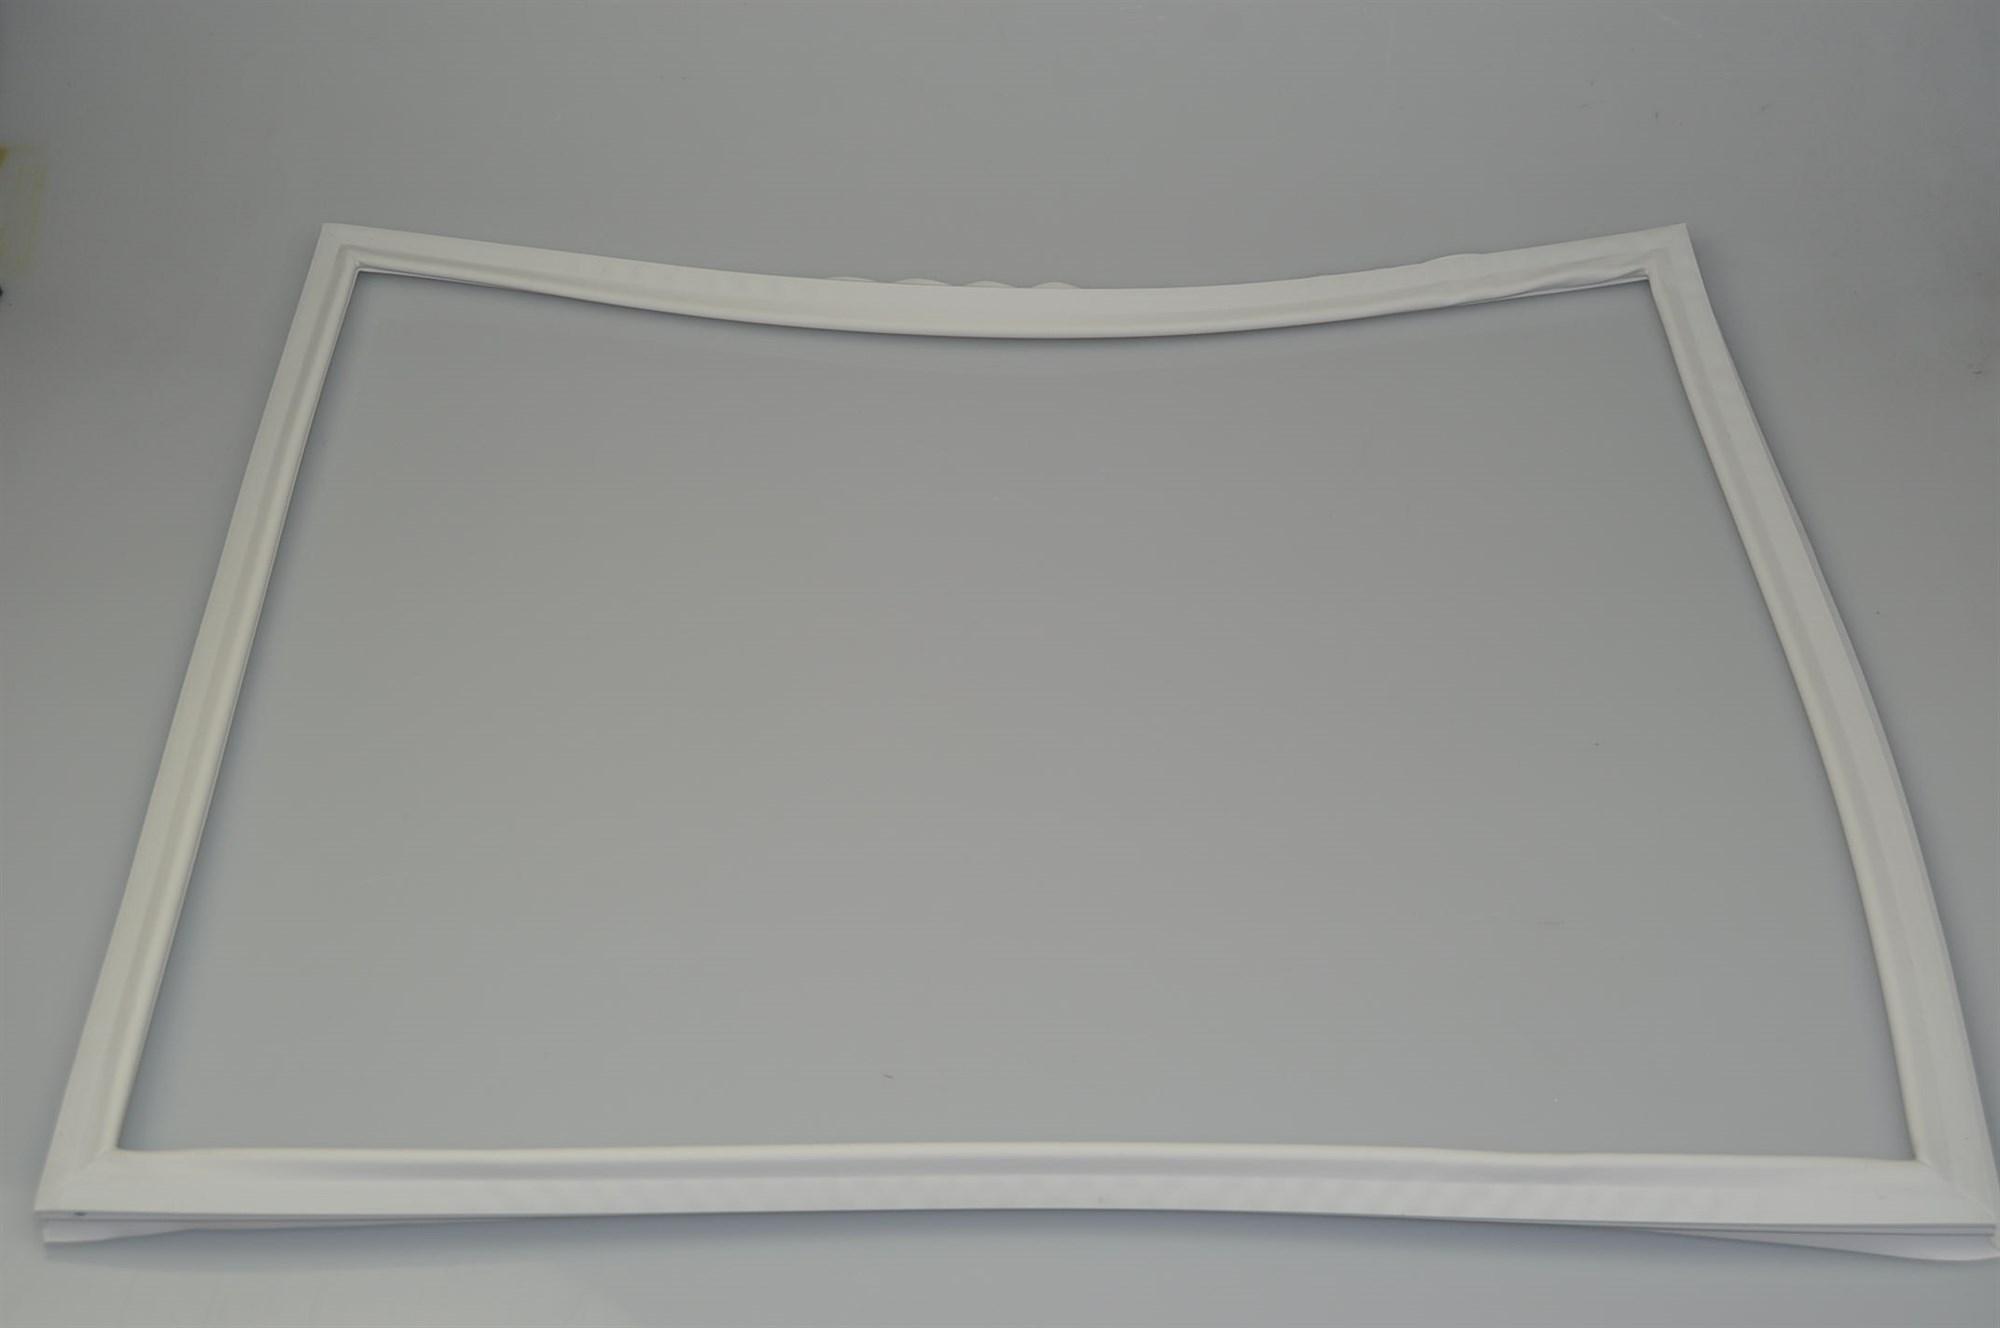 Gorenje Kühlschrank Dichtung : Kühlschrankdichtung gorenje kühl gefrierschrank